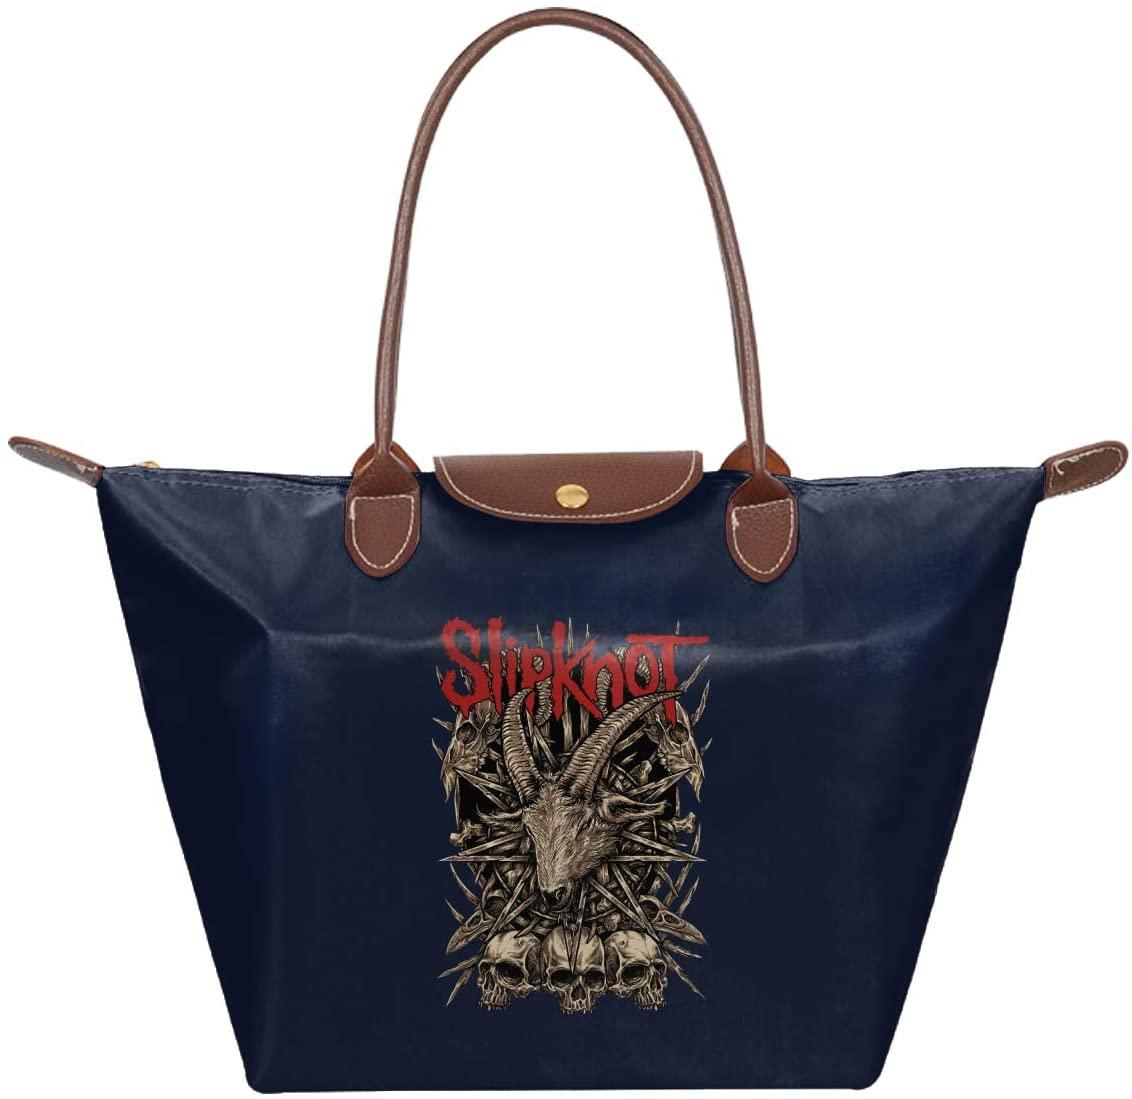 Veta Megica Slipknot Tote Bag Large Nylon Handbags